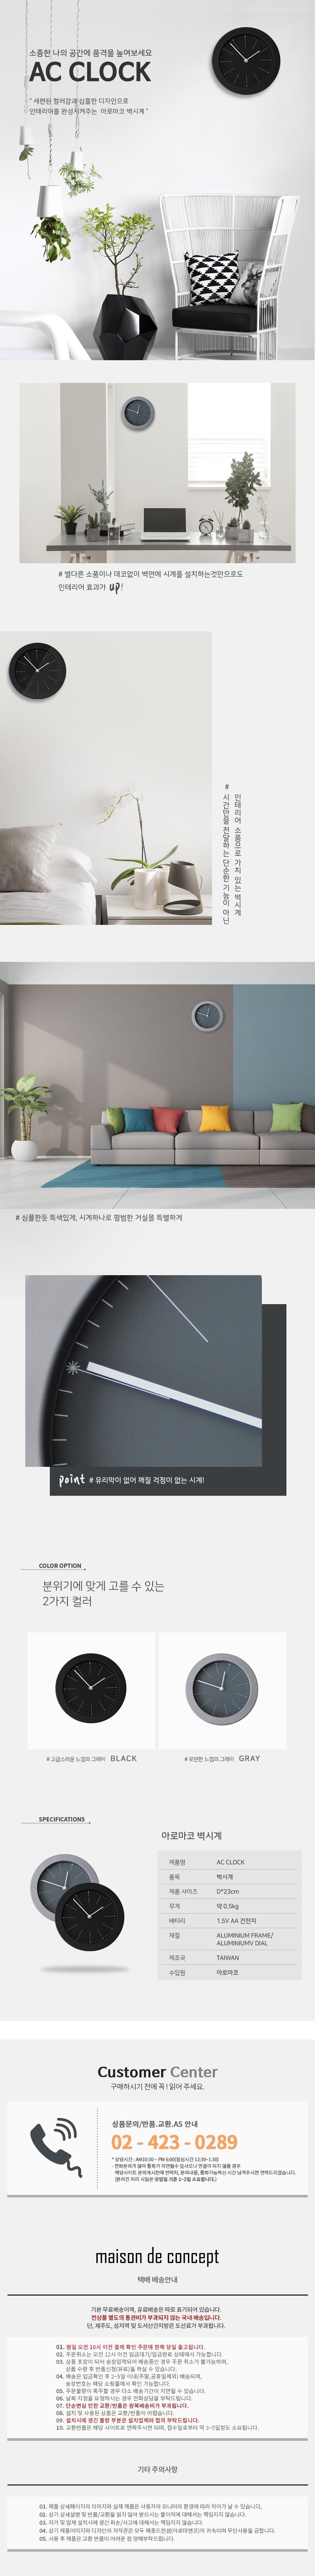 북유럽디자인 와이드프레임 벽시계 (블랙) - 메종드컨셉, 55,000원, 벽시계, 디자인벽시계